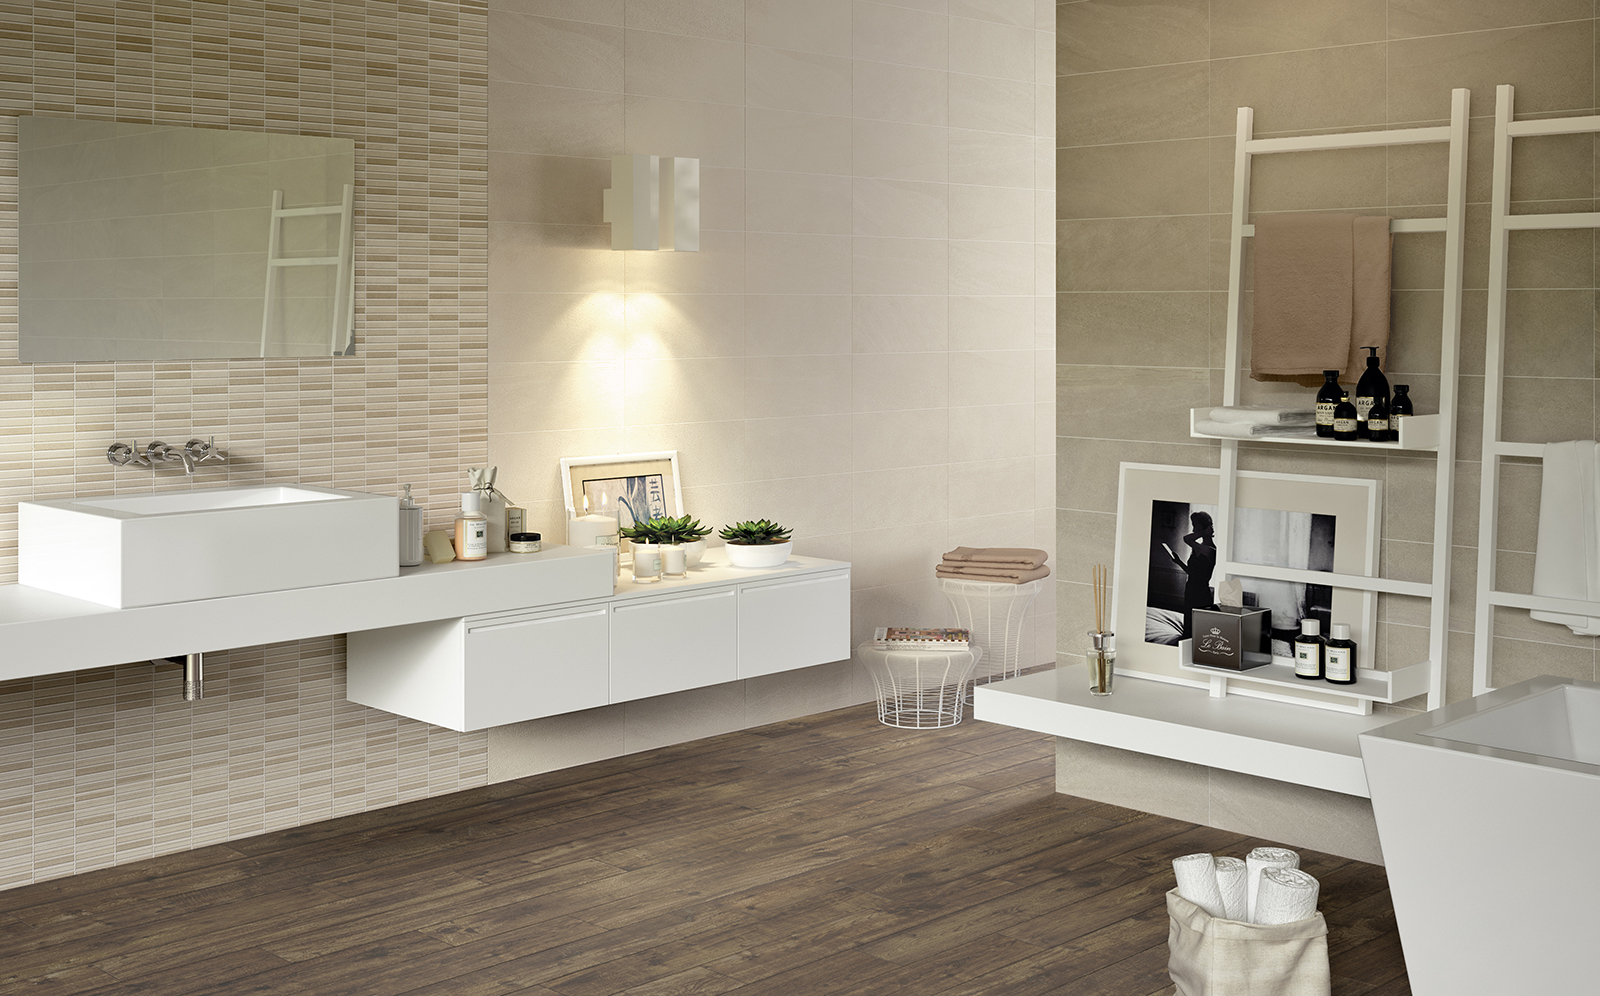 Piastrelle Mosaico Per Rivestimenti Bagno E Cucina In Gres ...